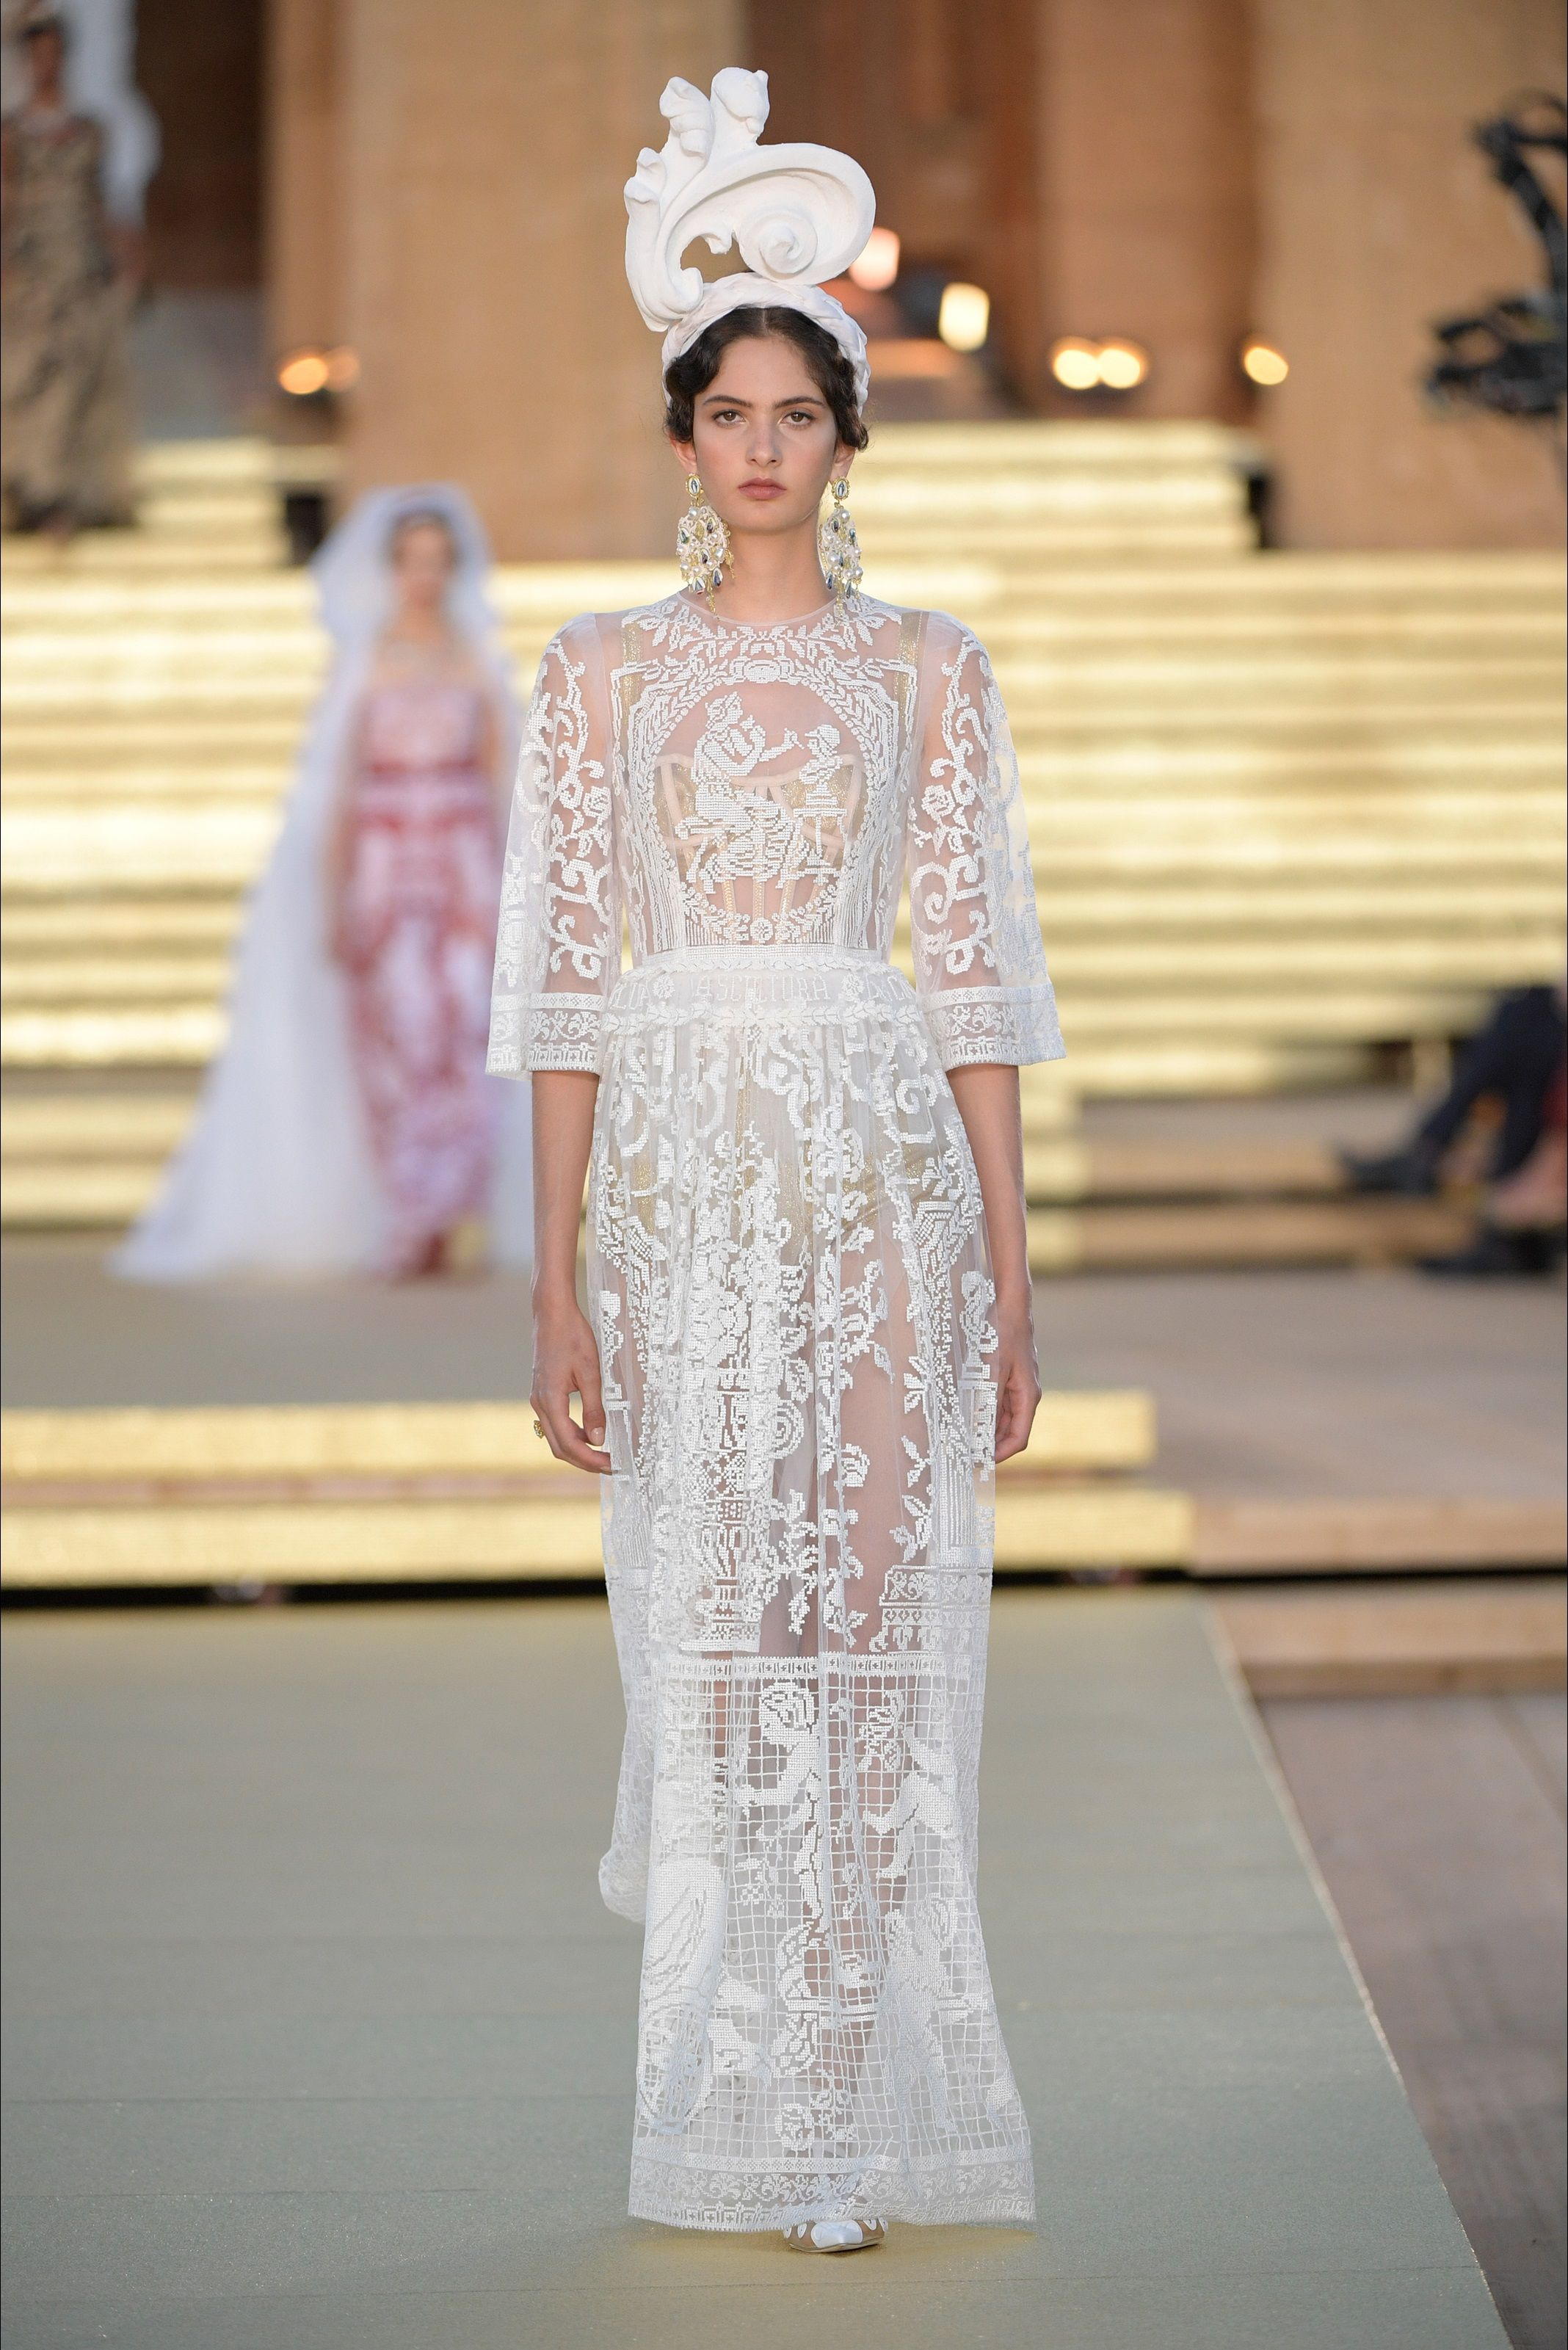 Sfilata Dolce Gabbana Palermo Alta Moda Autunno Inverno 2019 20 Vogue Moda Autunno Inverno Moda Autunno Haute Couture